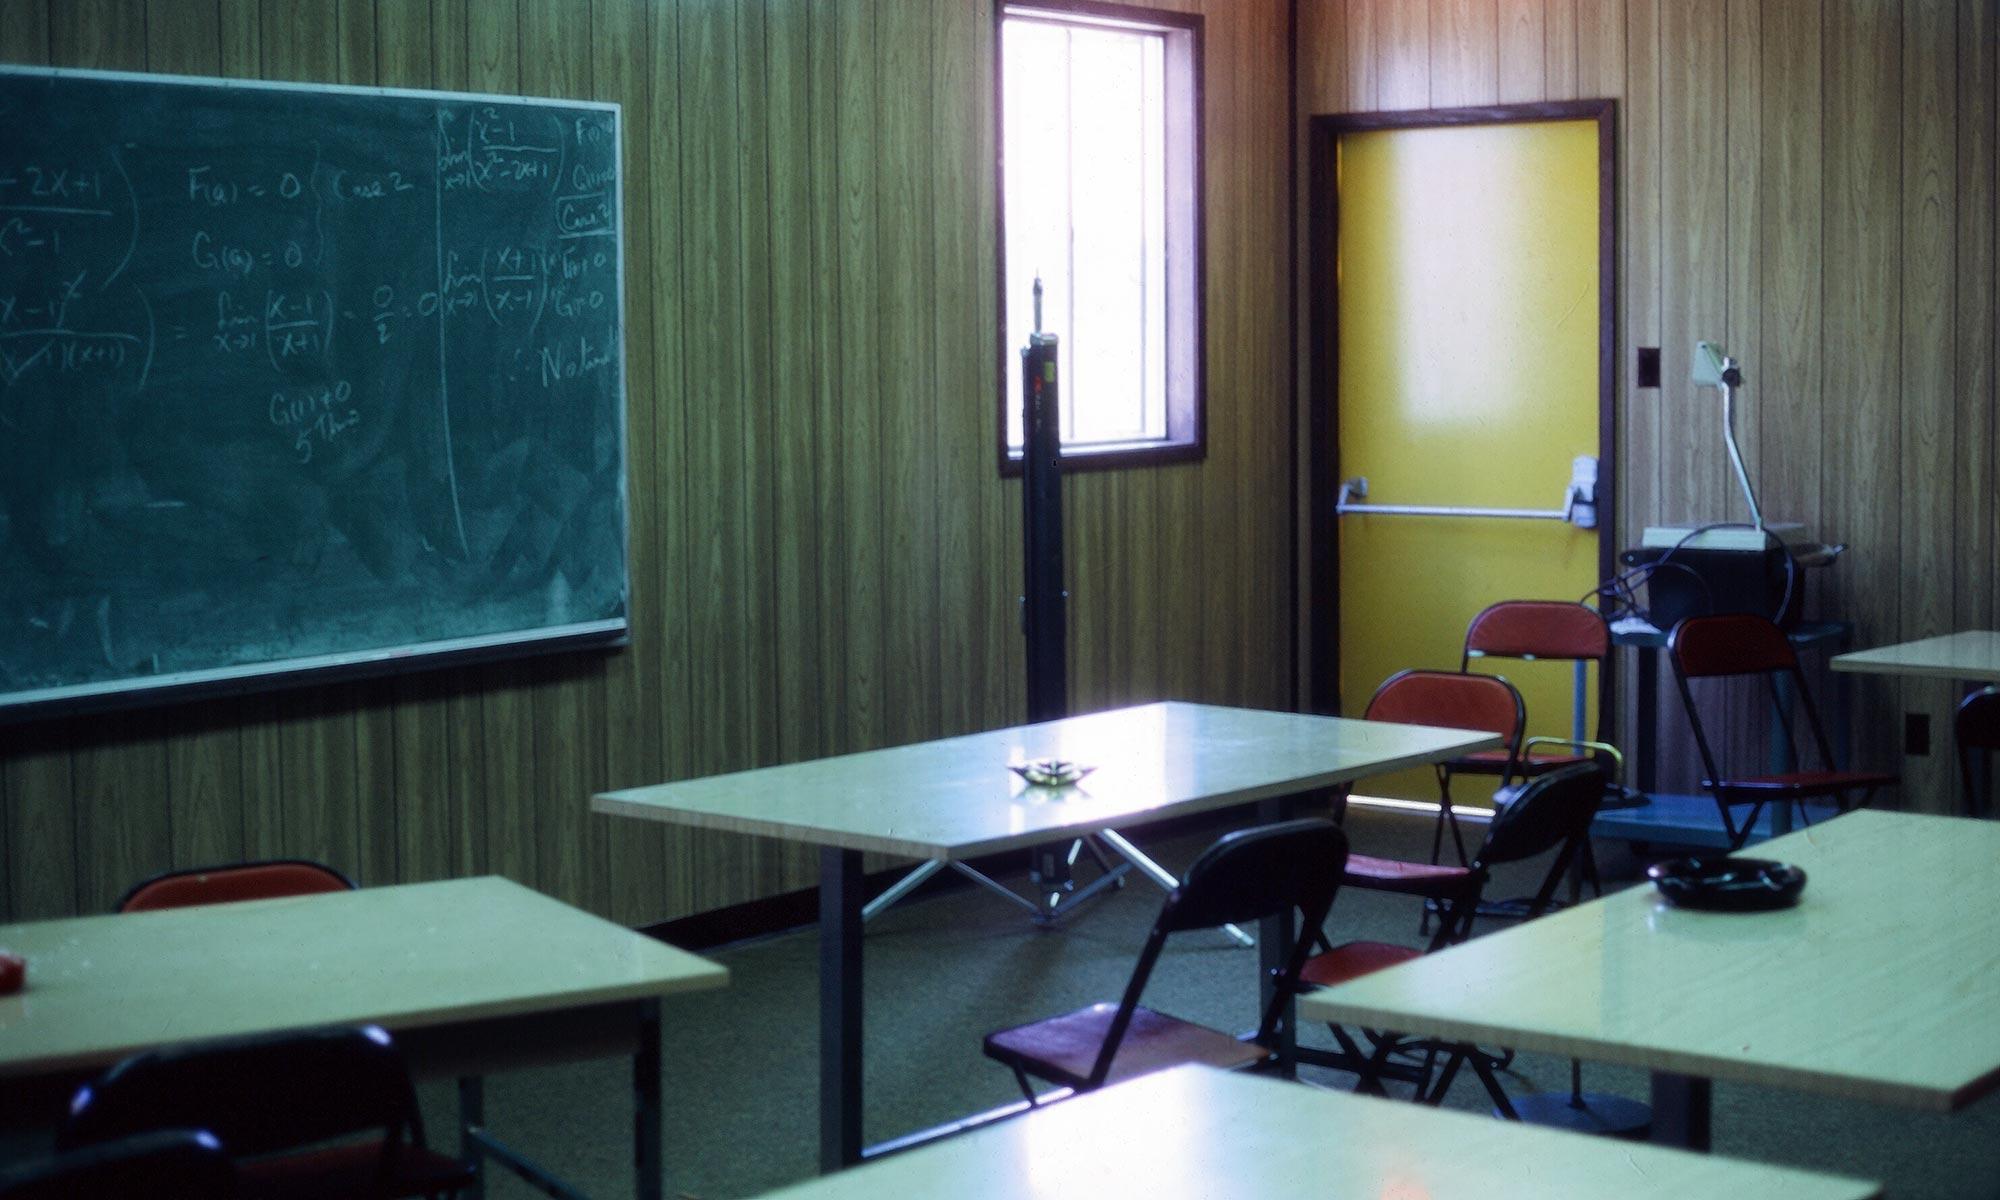 Empty classroom with ashtrays